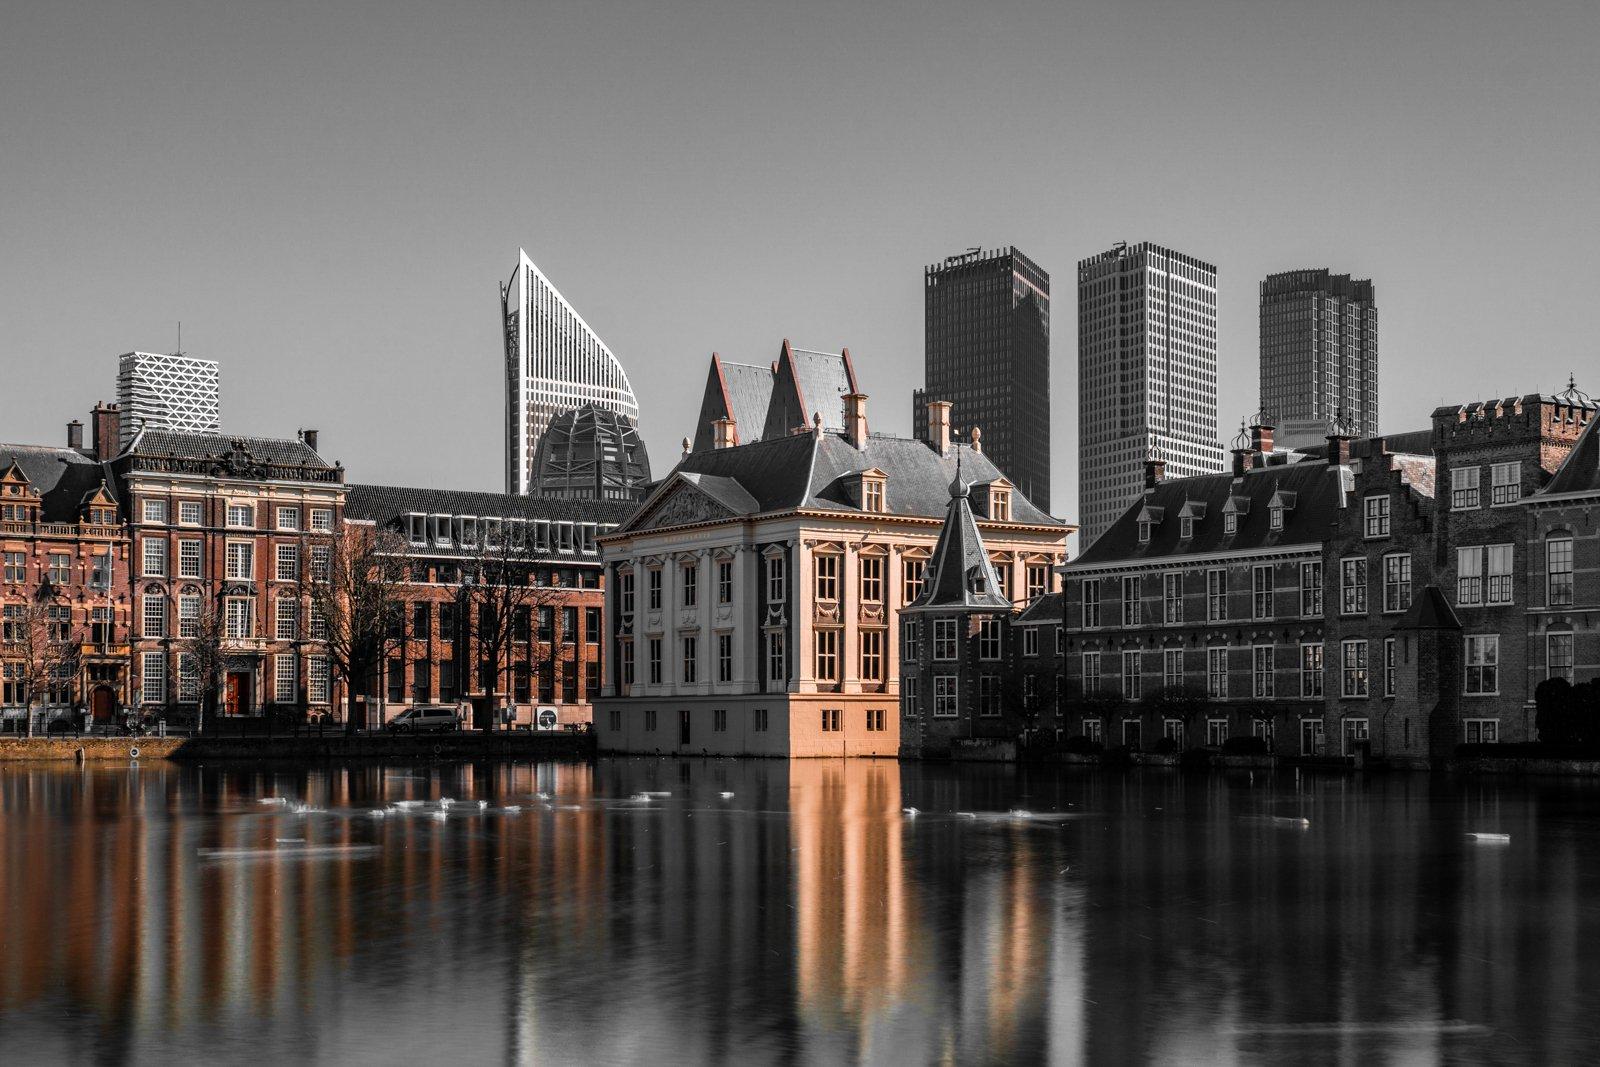 Dit zijn de leukste boutique hotels in Den Haag voor een heerlijke staycation!